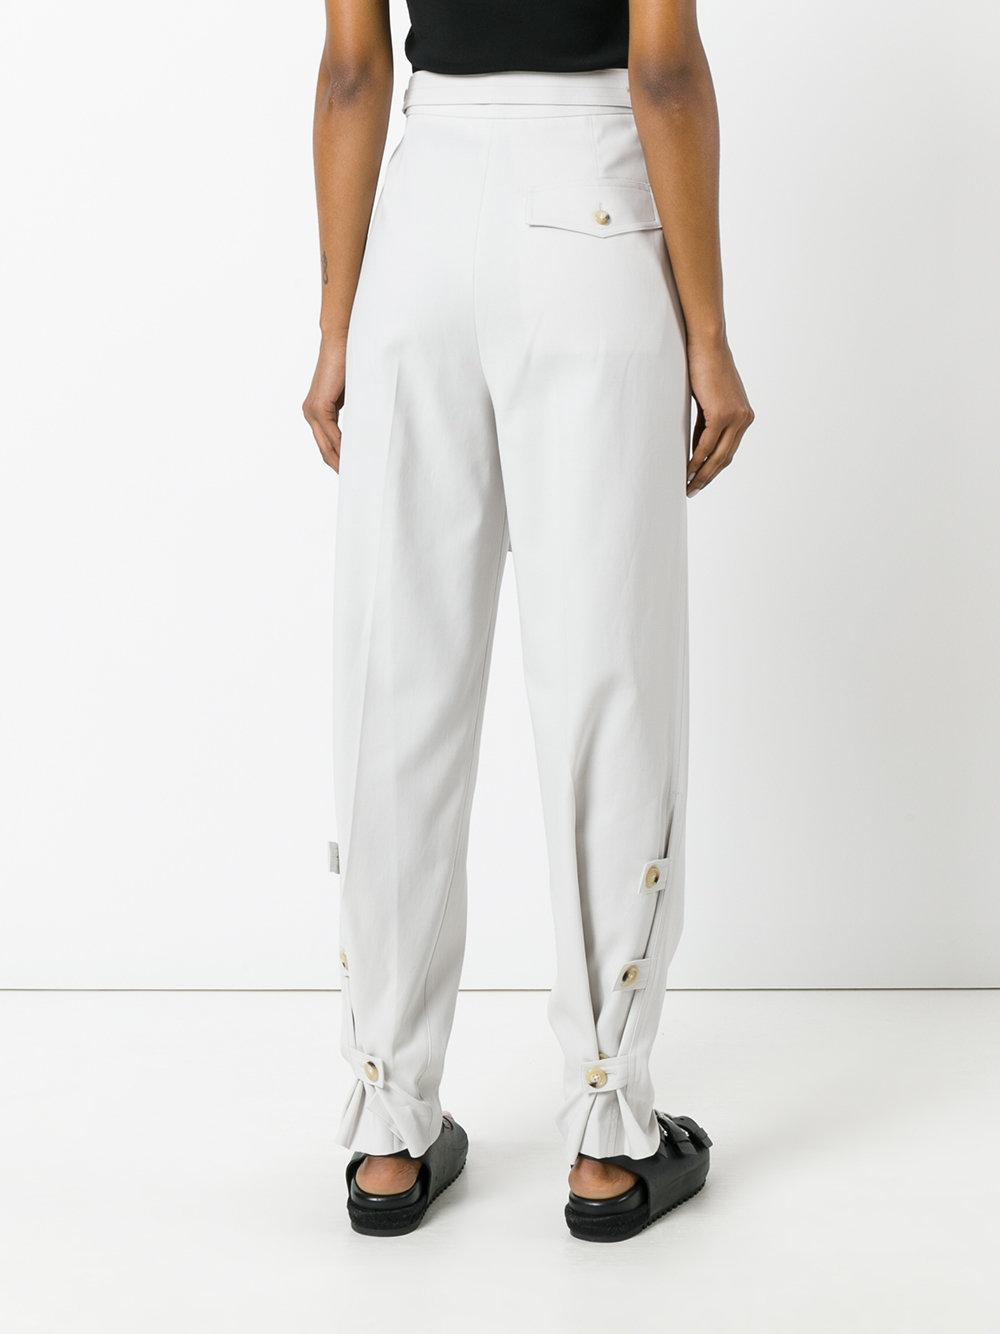 กางเกง,กางเกงผู้หญิง,กางเกงขายาว,กางเกงขายาวผู้หญิง